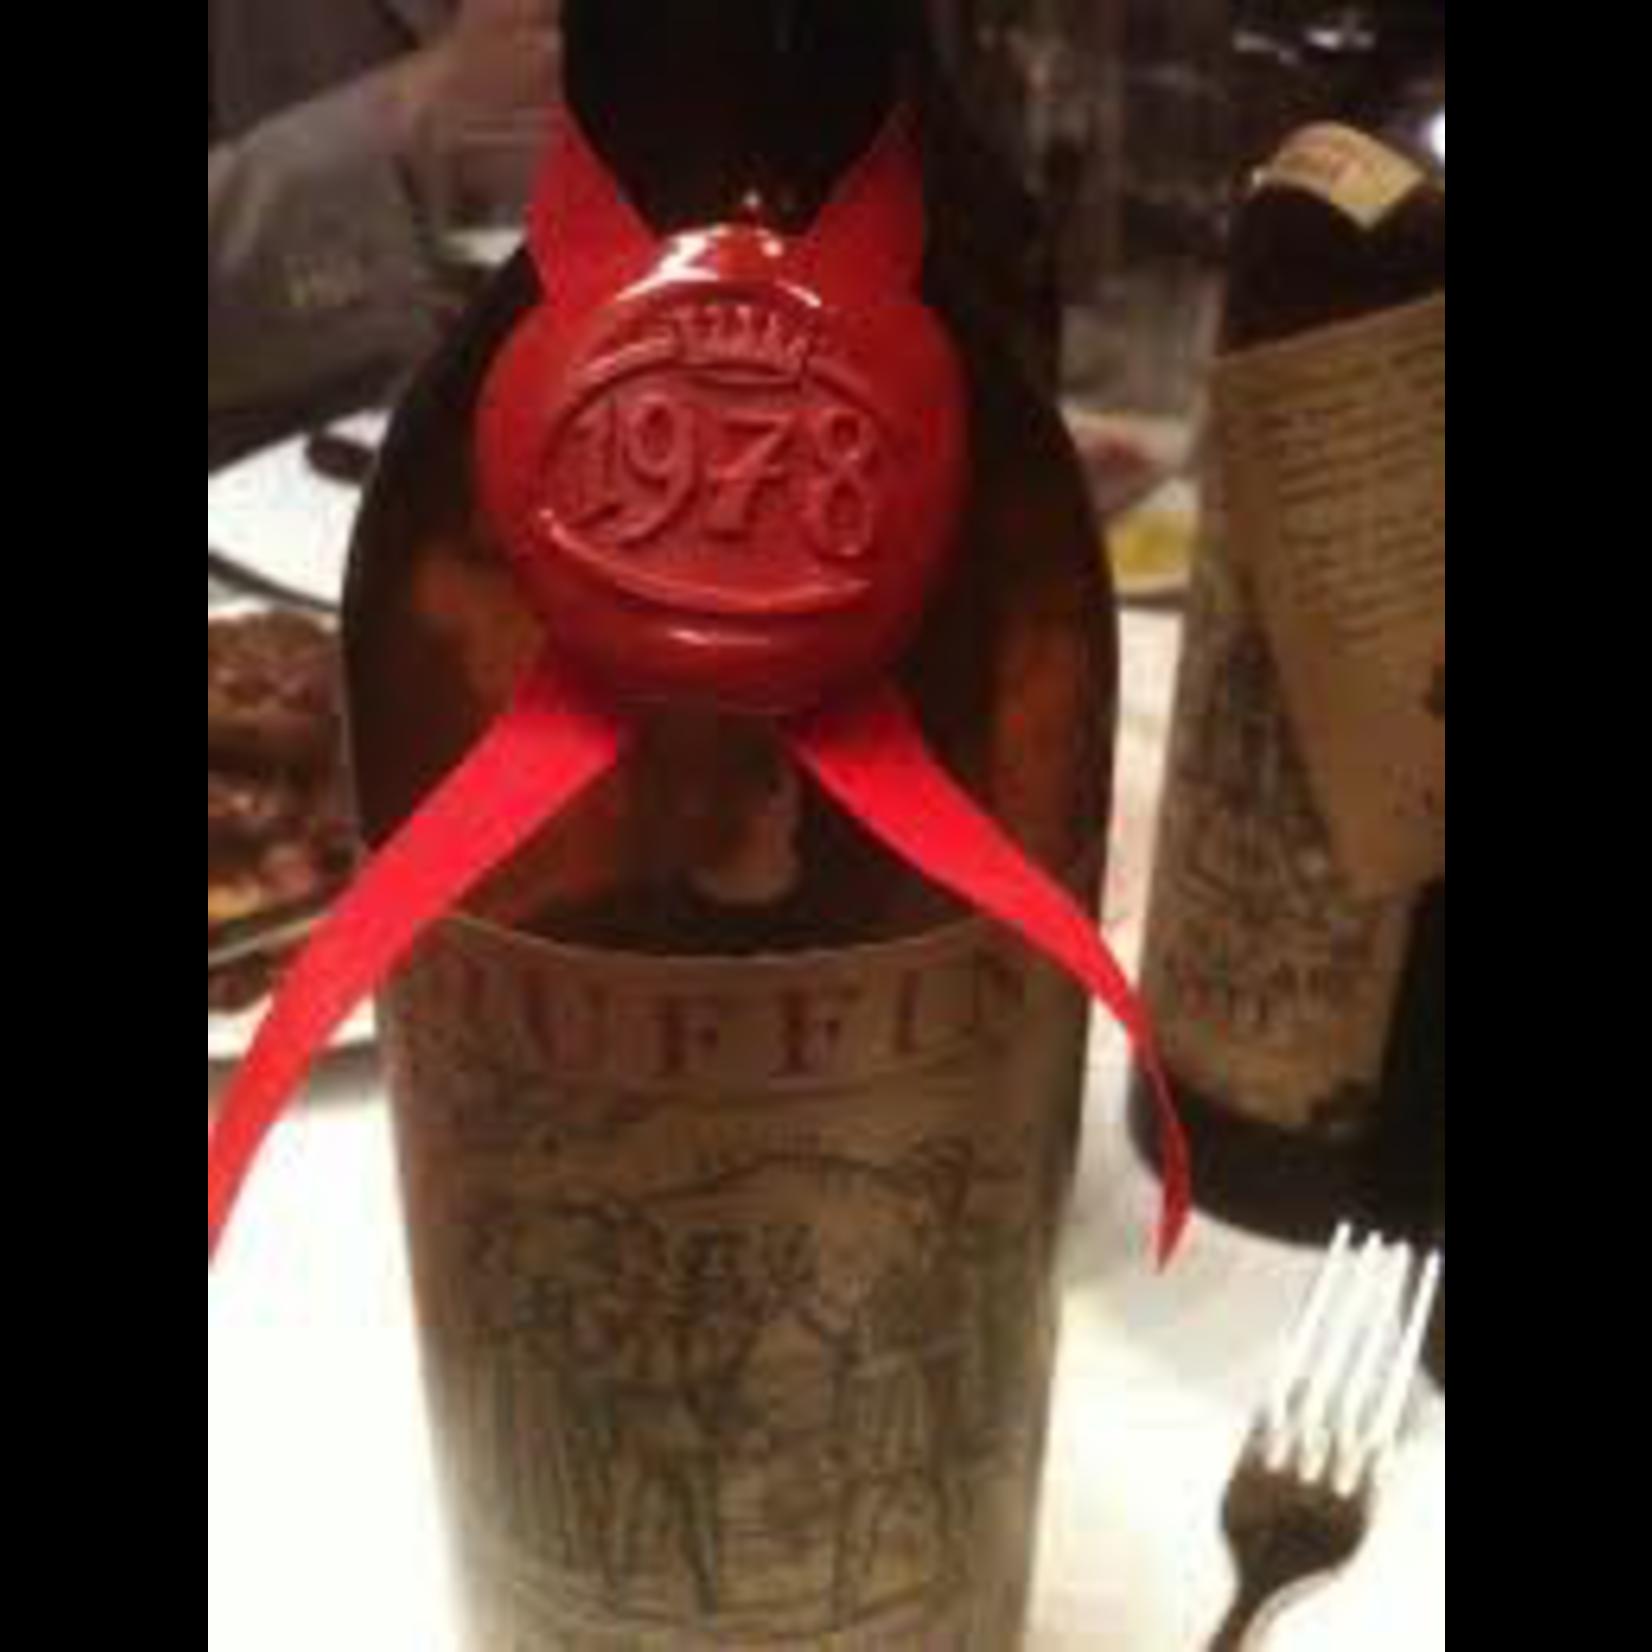 Wine Ruffino Chianti Classico Riserva Ducale Gold 1970